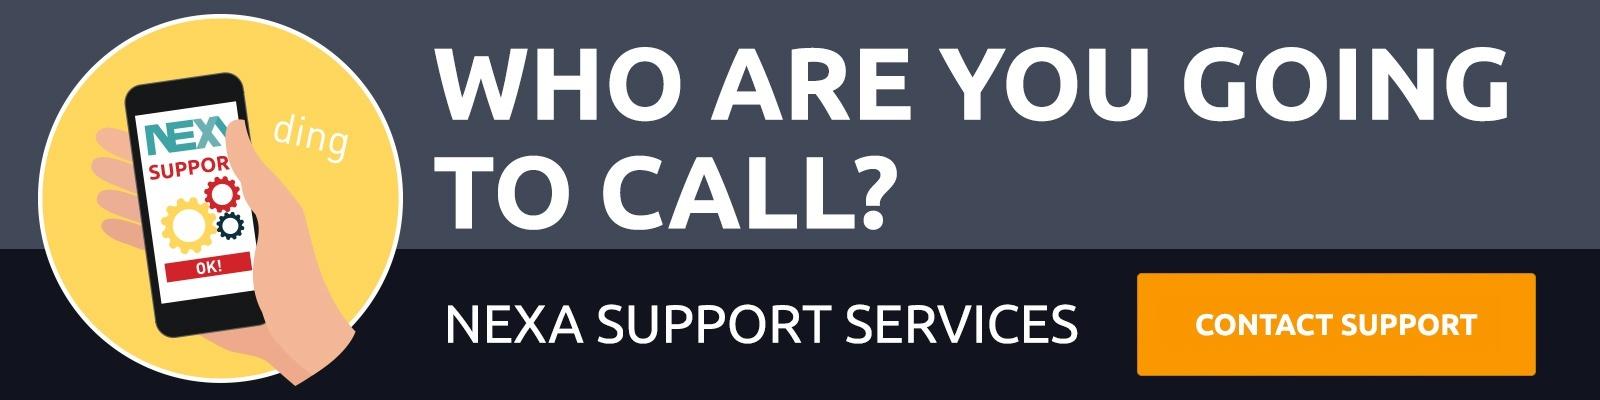 Contact NEXA Support Services